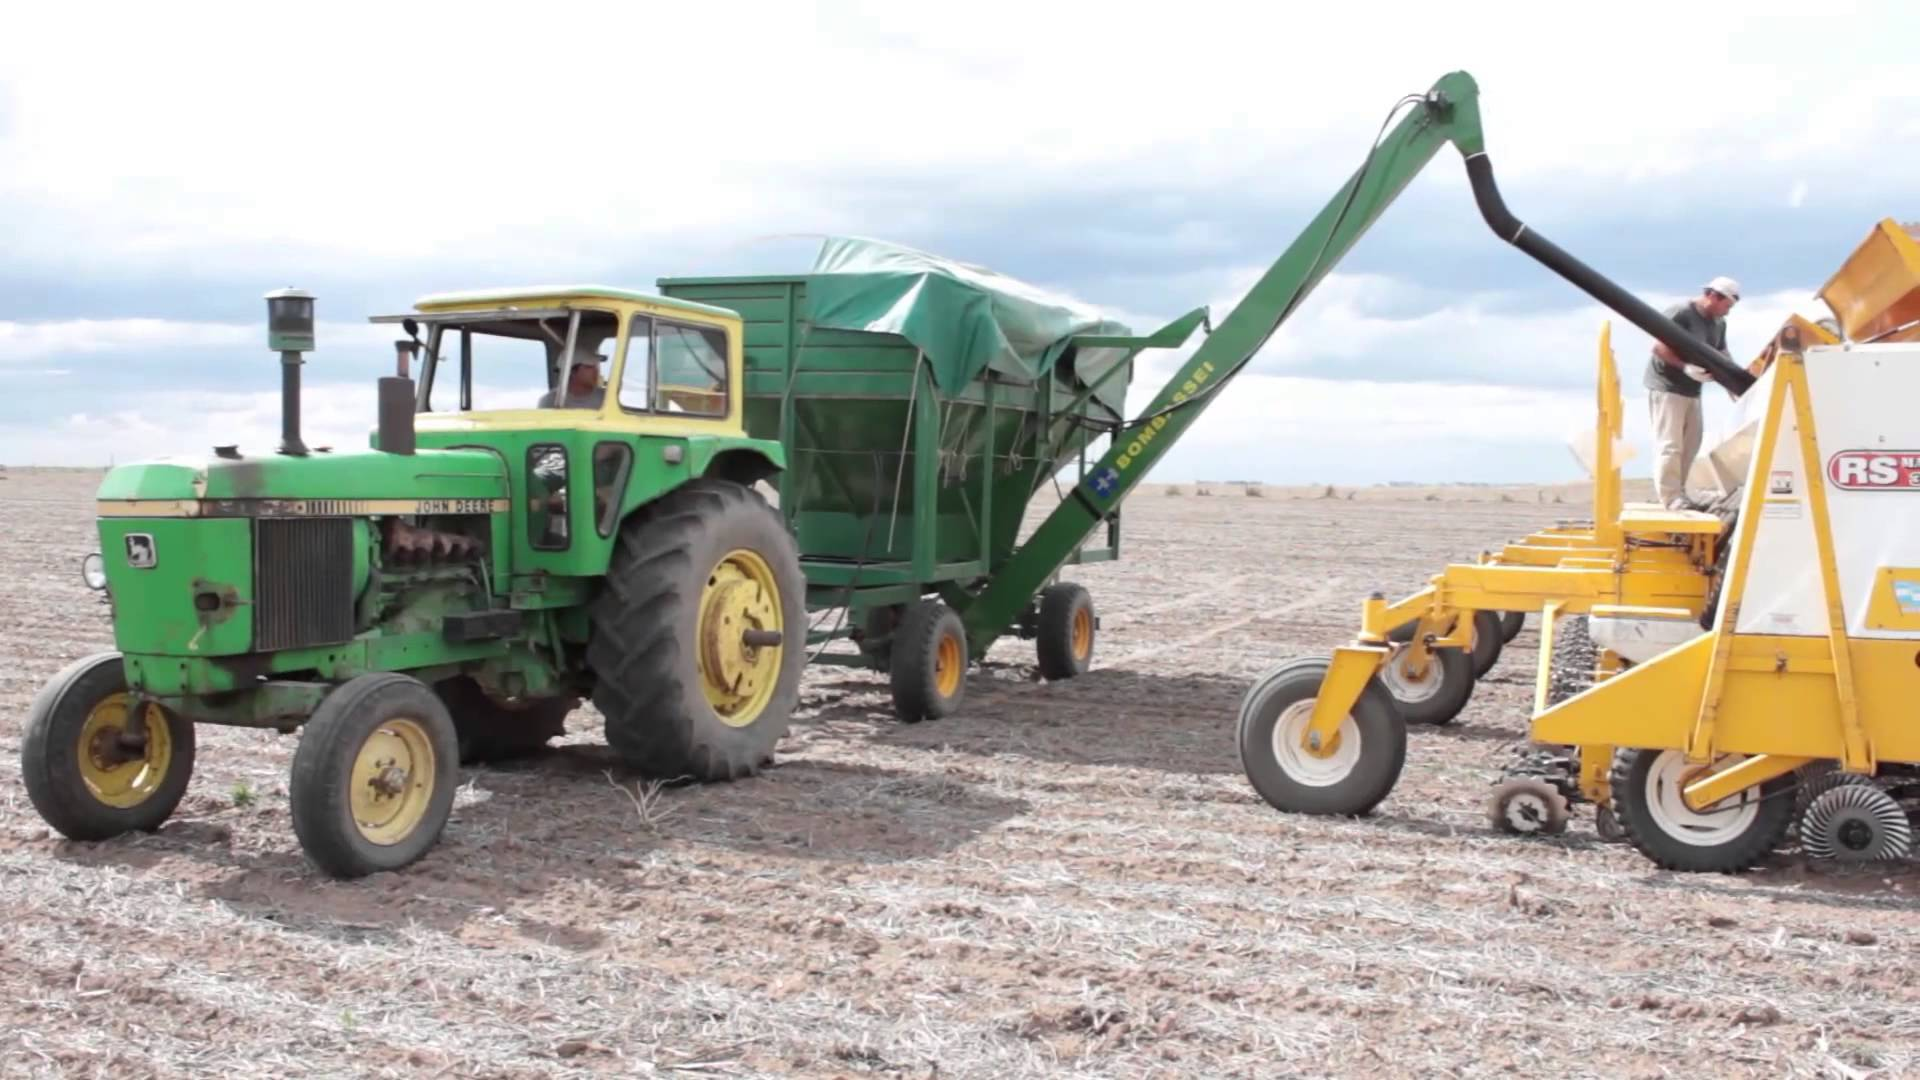 La ecuación lleva al productor a cultivar soja únicamente o arrendar su campo.